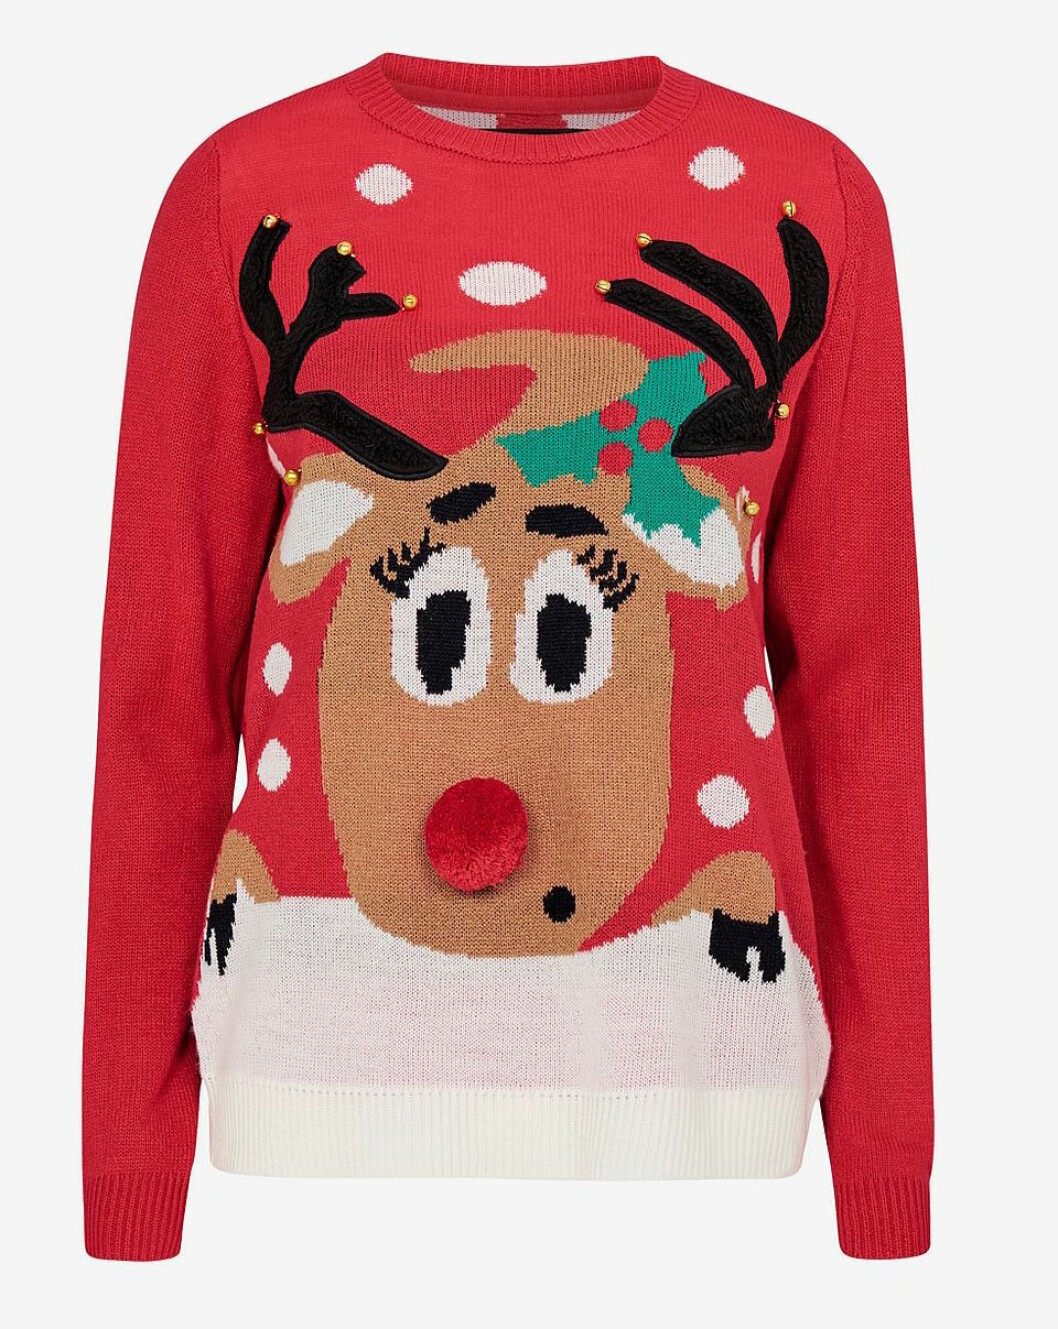 Fulsnygg jultröja från Vero moda